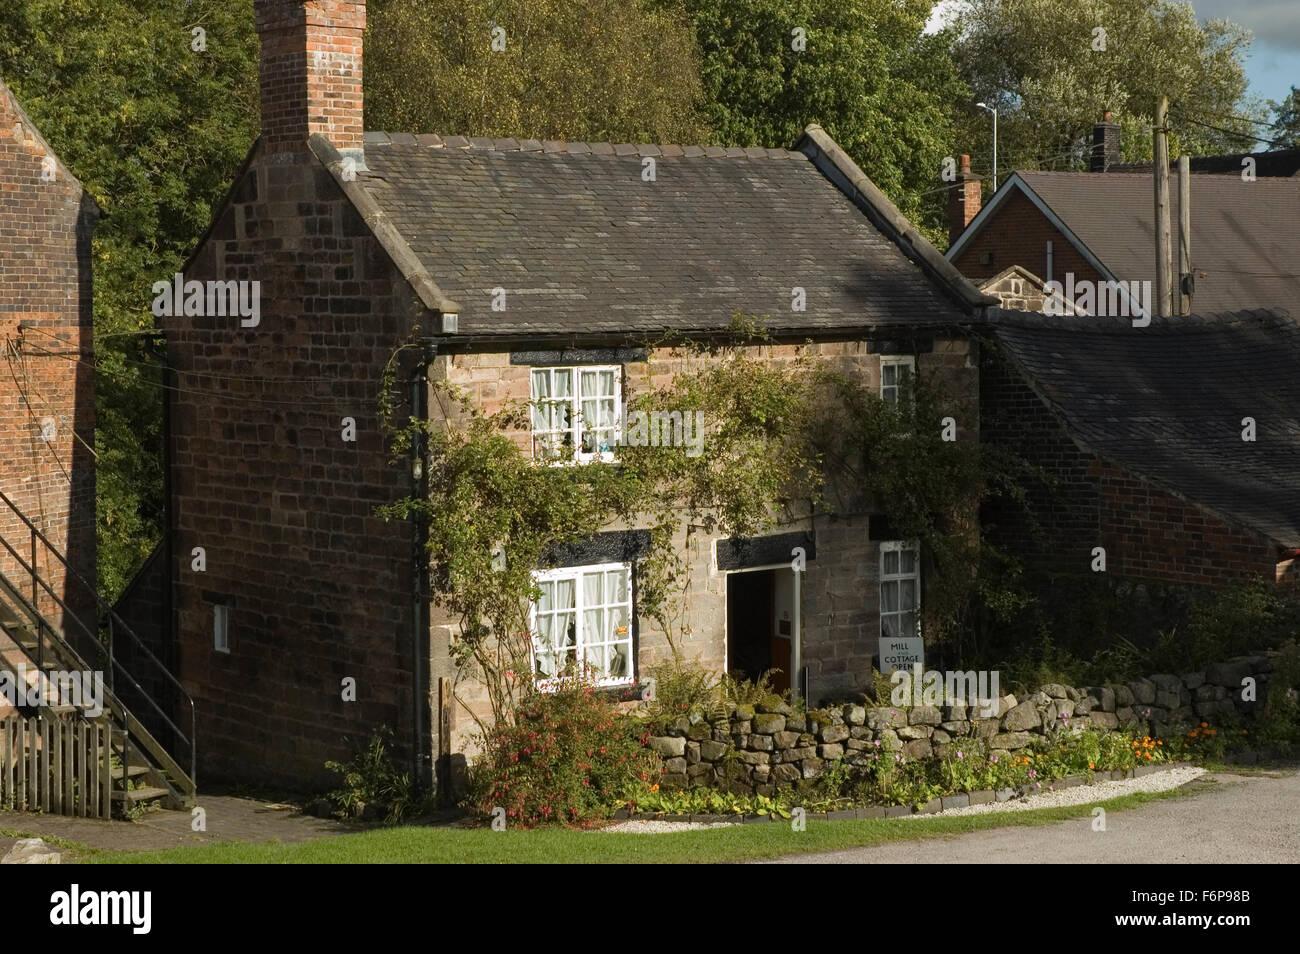 Period Cottage, Cheddleton Flint Mill, Cheddleton, Stoke-on-Trent, Staffordshire, England, UK, Europe. museum - Stock Image